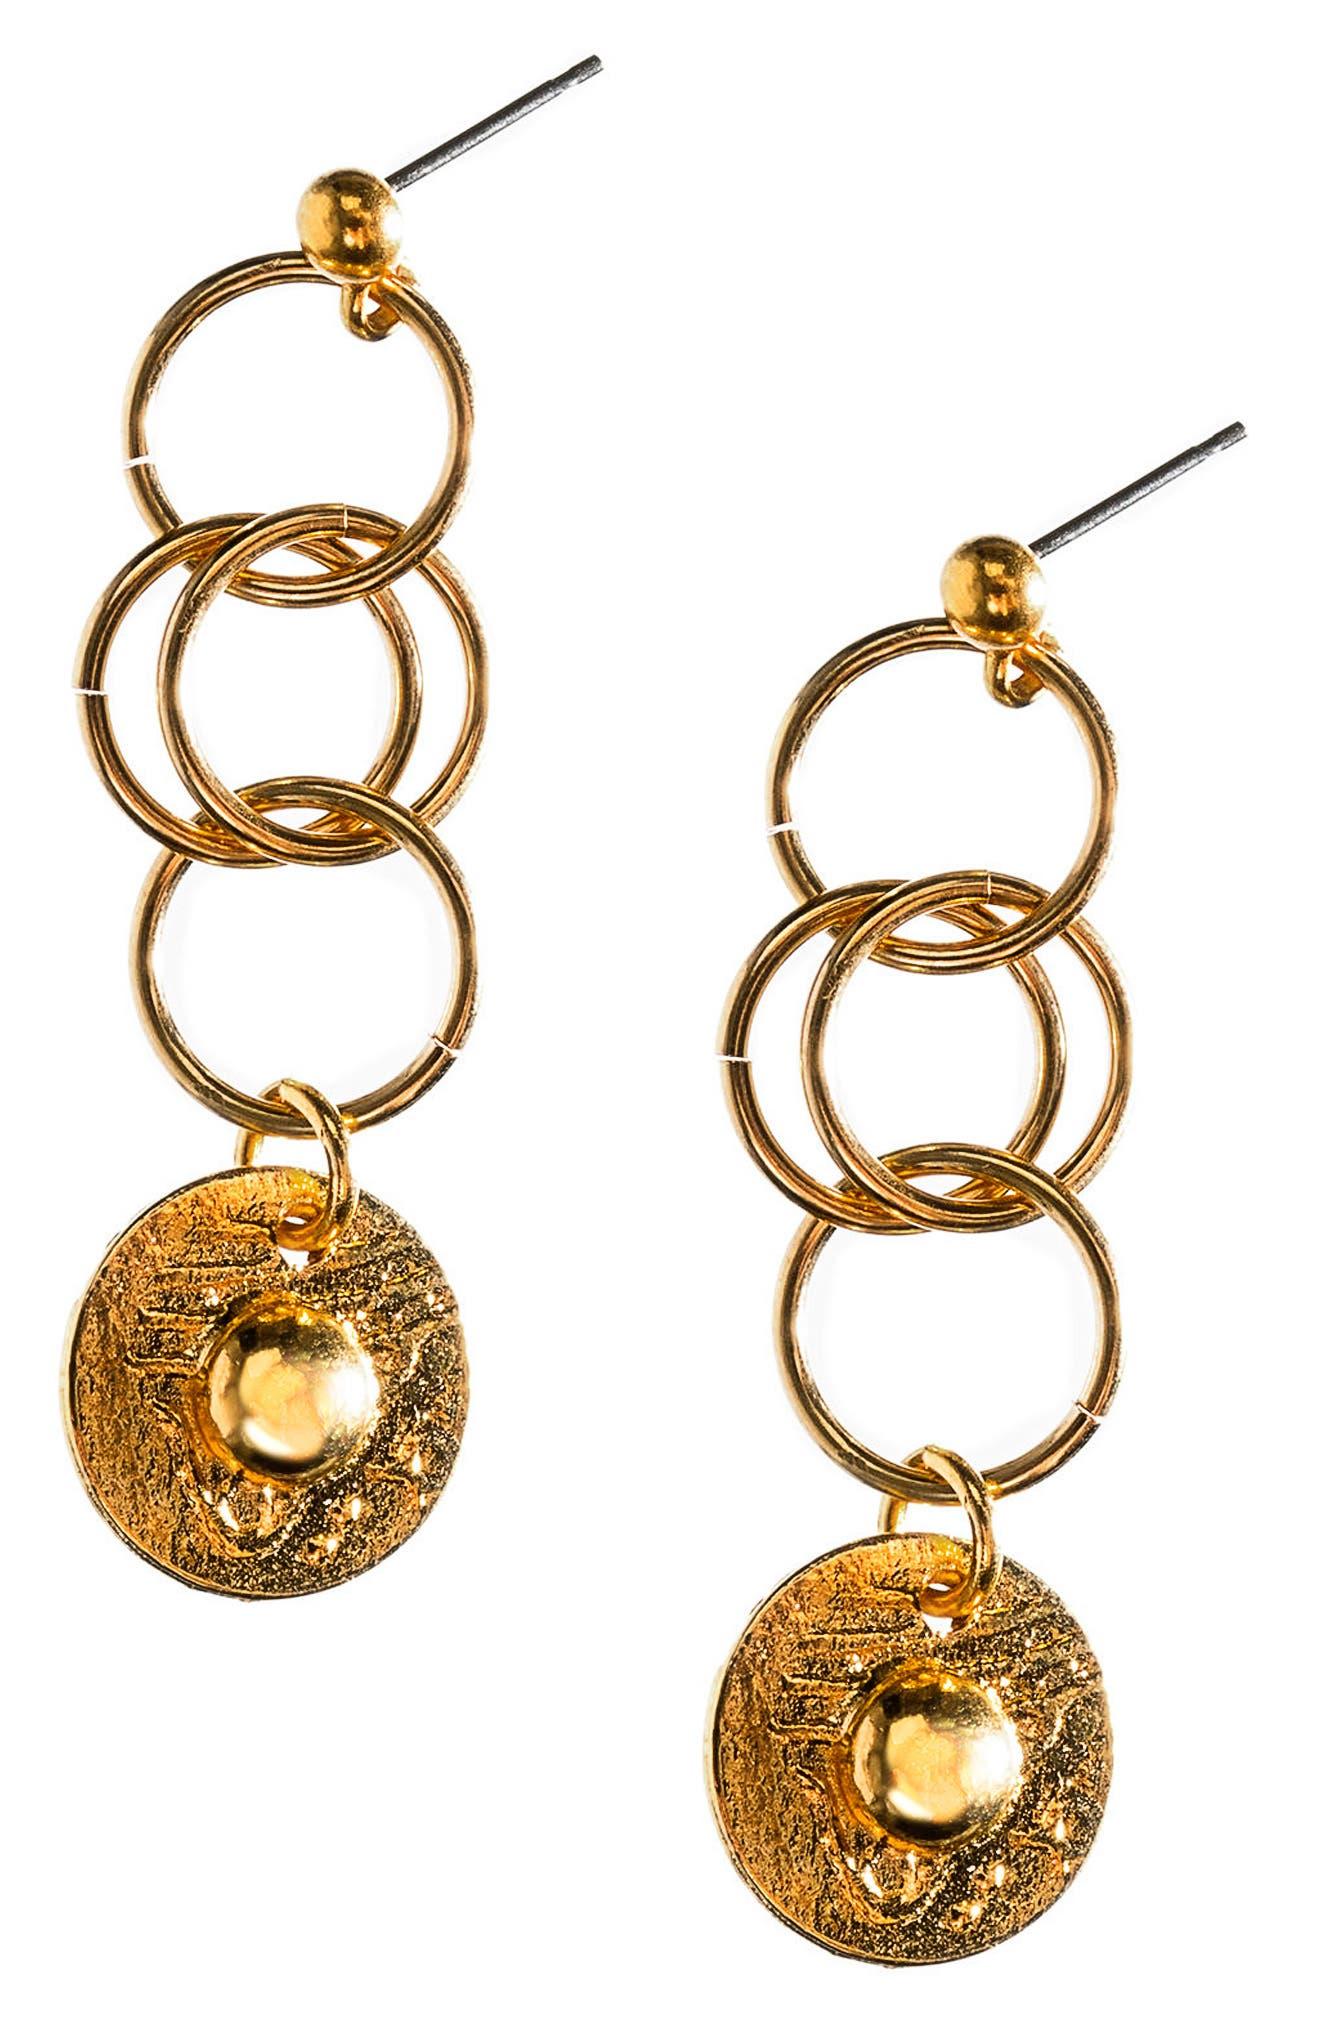 Alternate Image 1 Selected - MHART Tri Hoop Coin Earrings